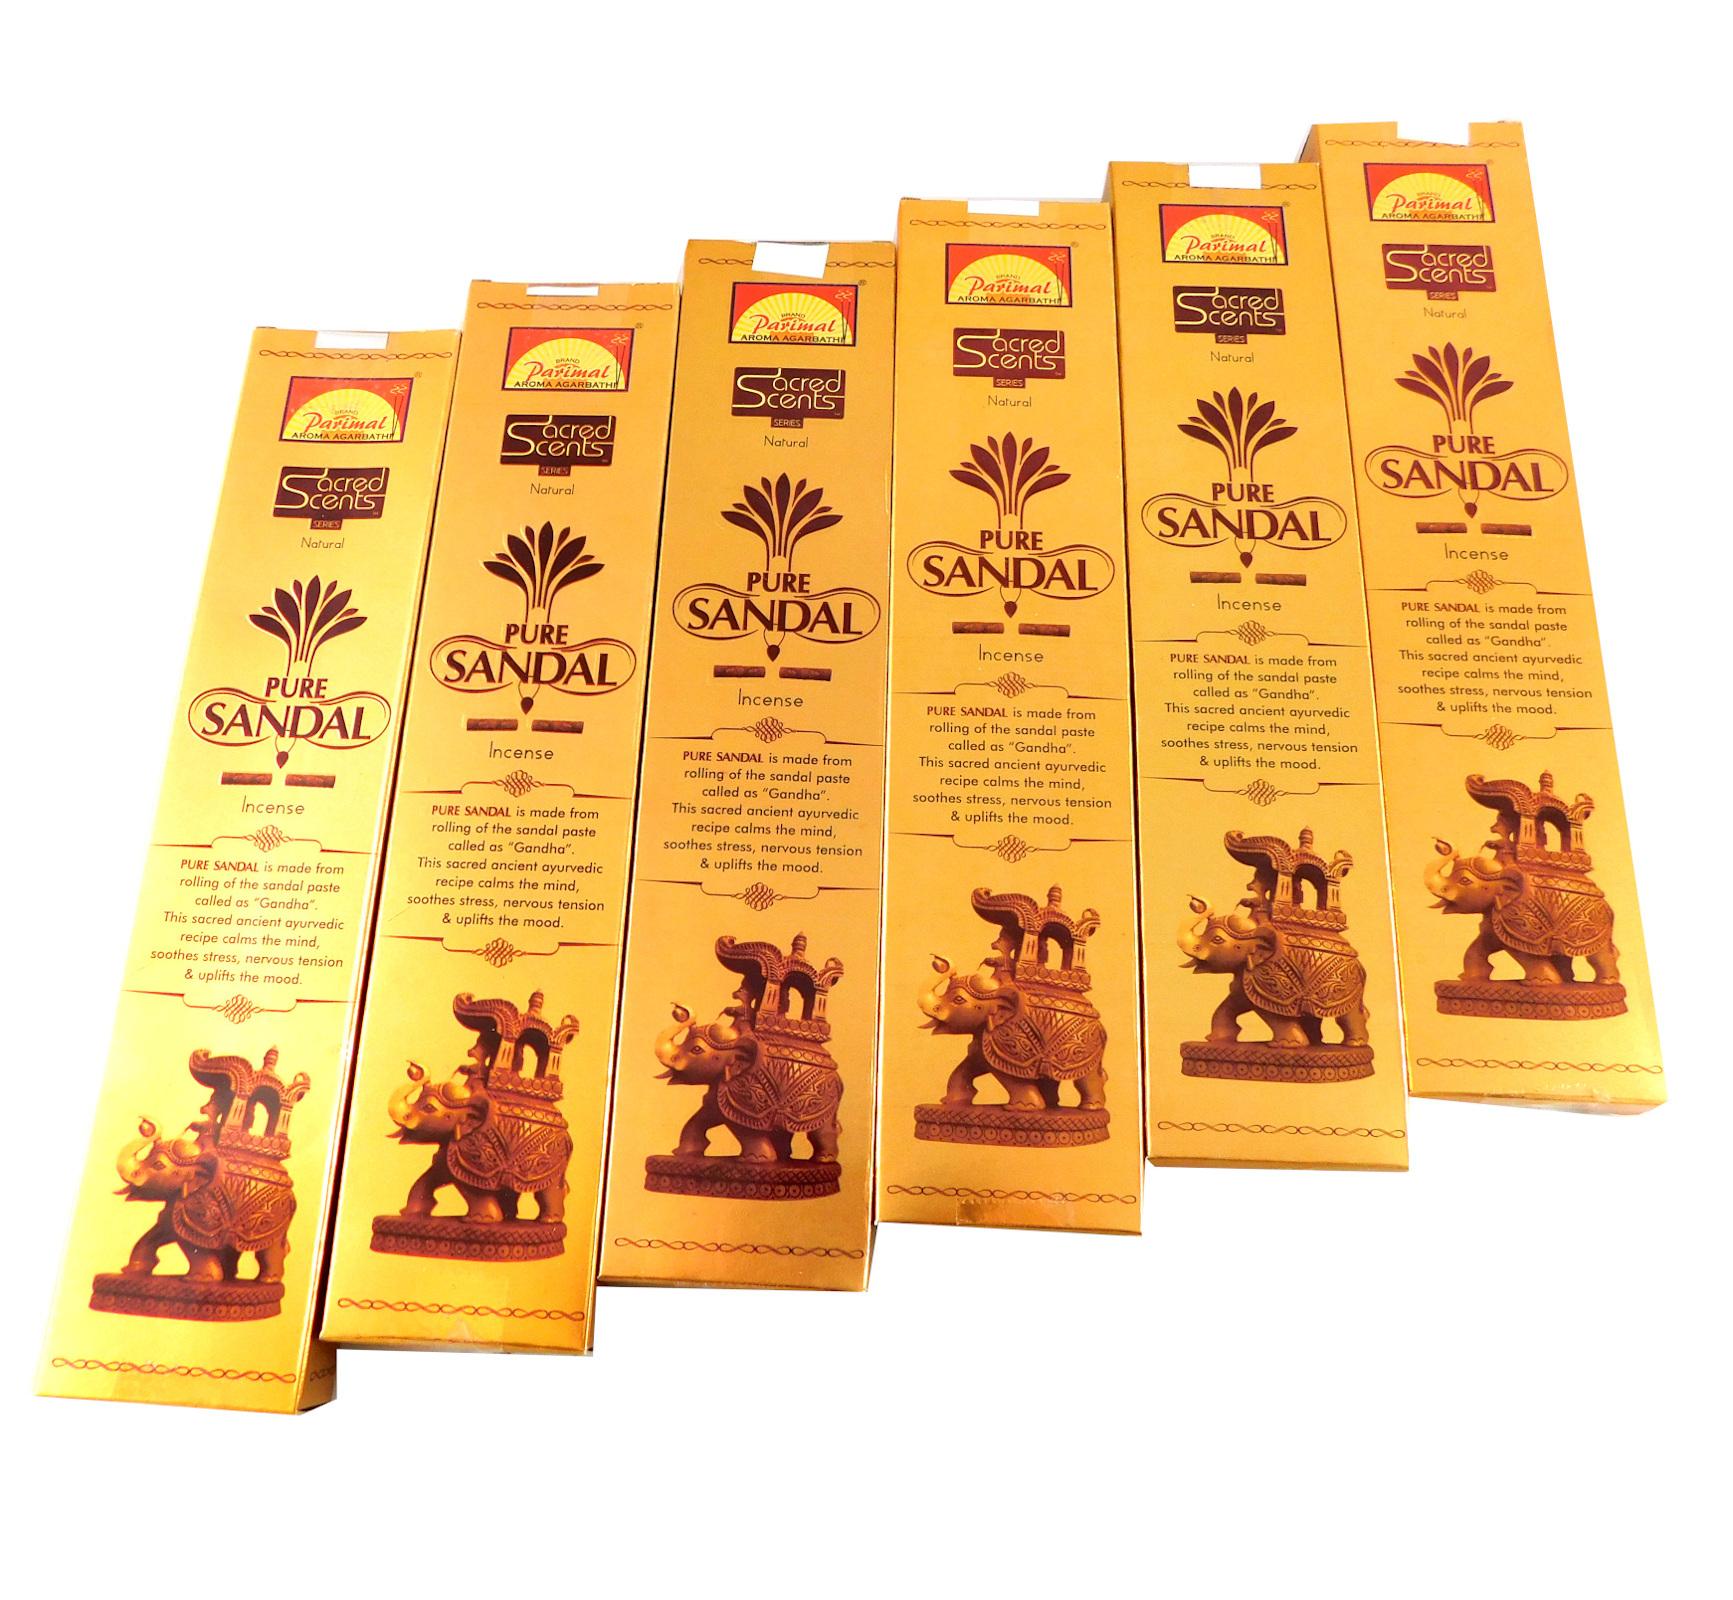 Räucherstäbchen Parimal Sacred Scents Pure Sandal Premium Masala Sticks Box mit 6 Packungen